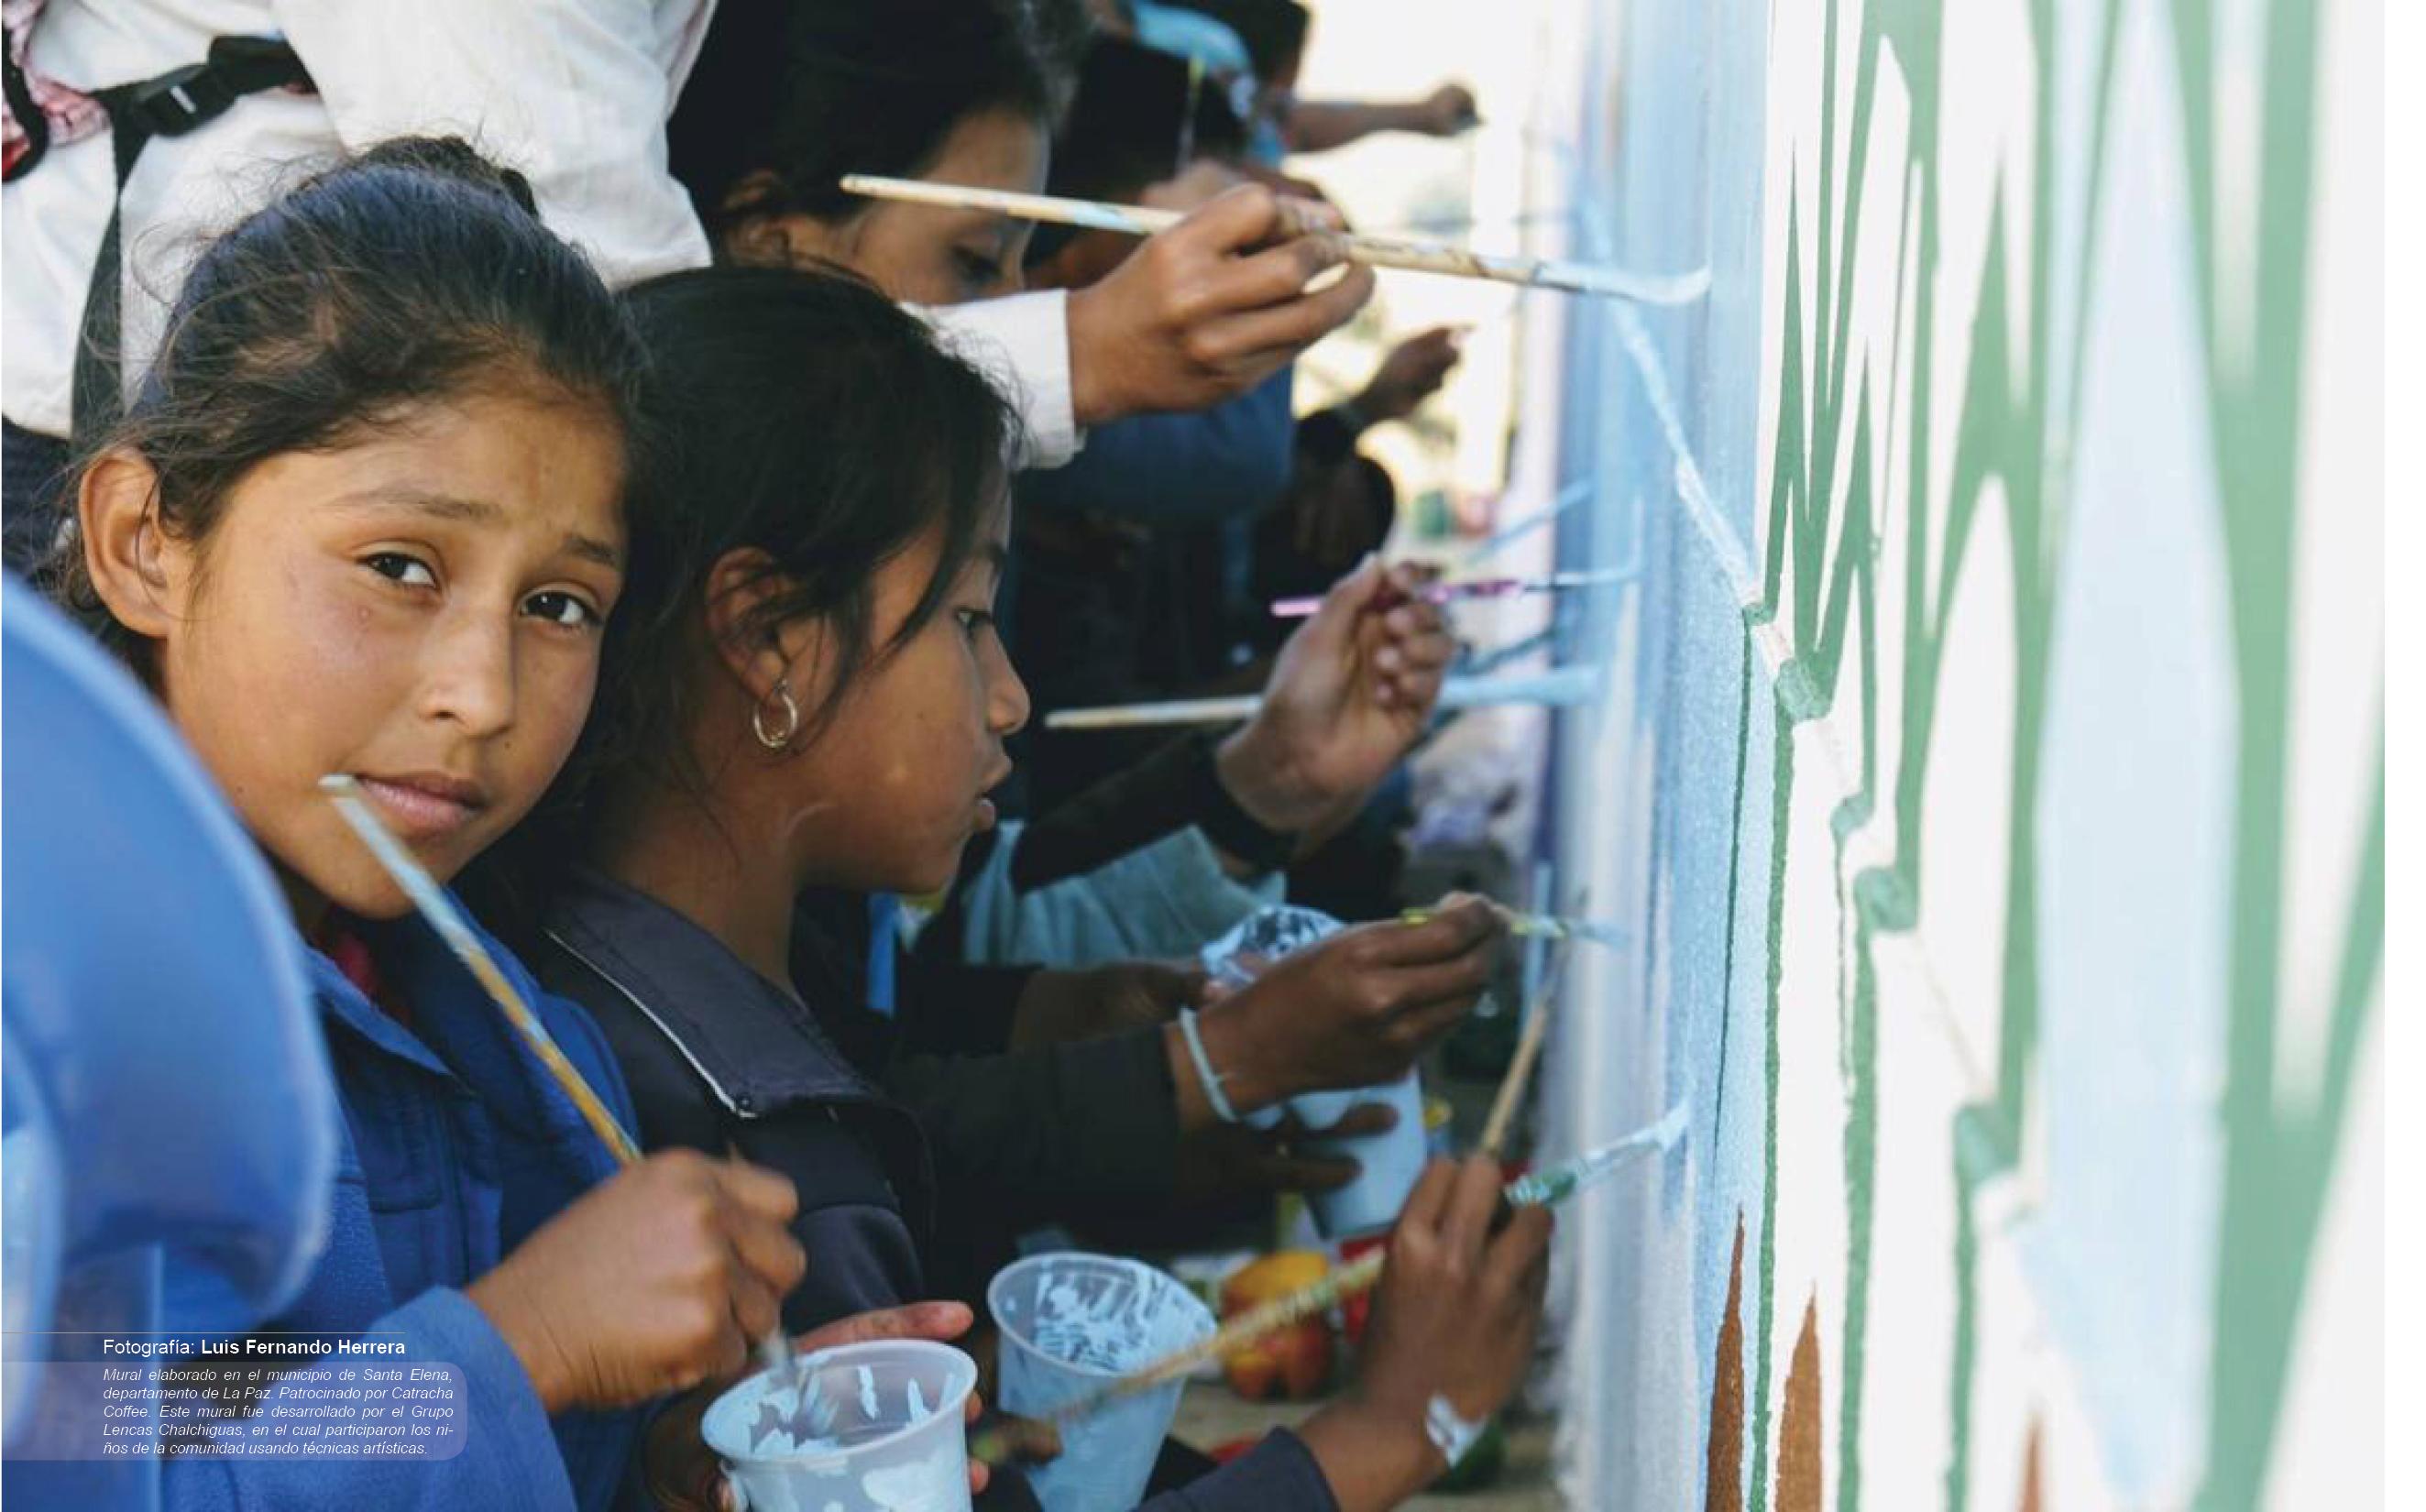 Mural elaborado en el municipio de Santa Elena, departamento de La Paz. Patrocinado por Catracha Coffee. Este mural fue desarrollado por el Grupo Lencas Chalchiguas, en el cual participaron los niños de la comunidad usando técnicas artísticas.